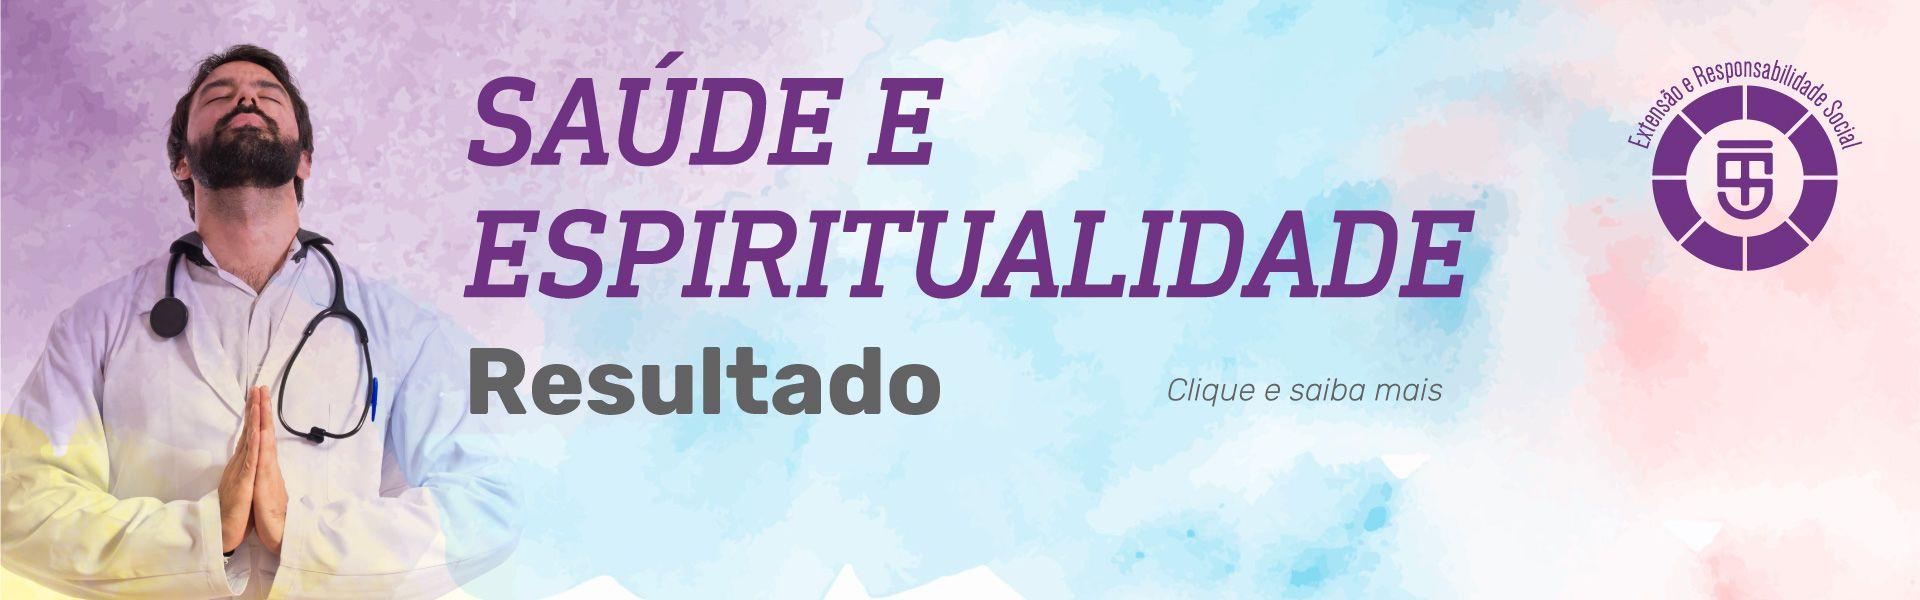 resultado saúde e espiritualidade